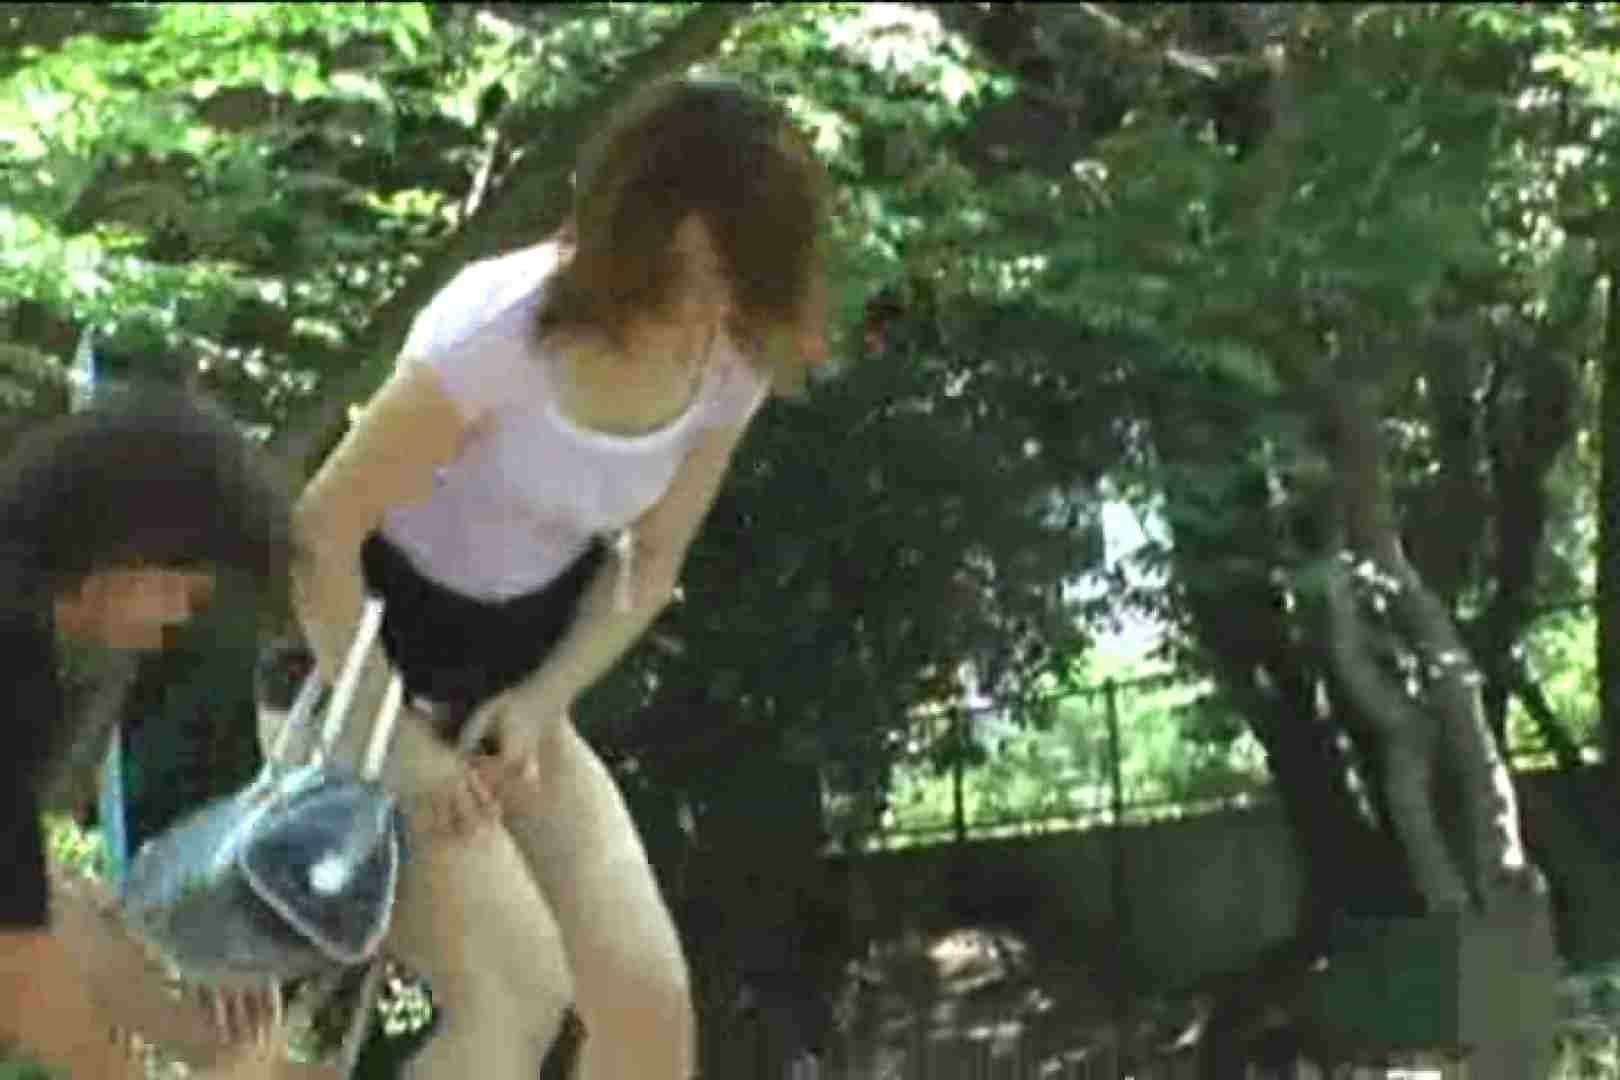 検証!隠し撮りスカートめくり!!Vol.8 現役ギャル   美しいOLの裸体  99pic 34